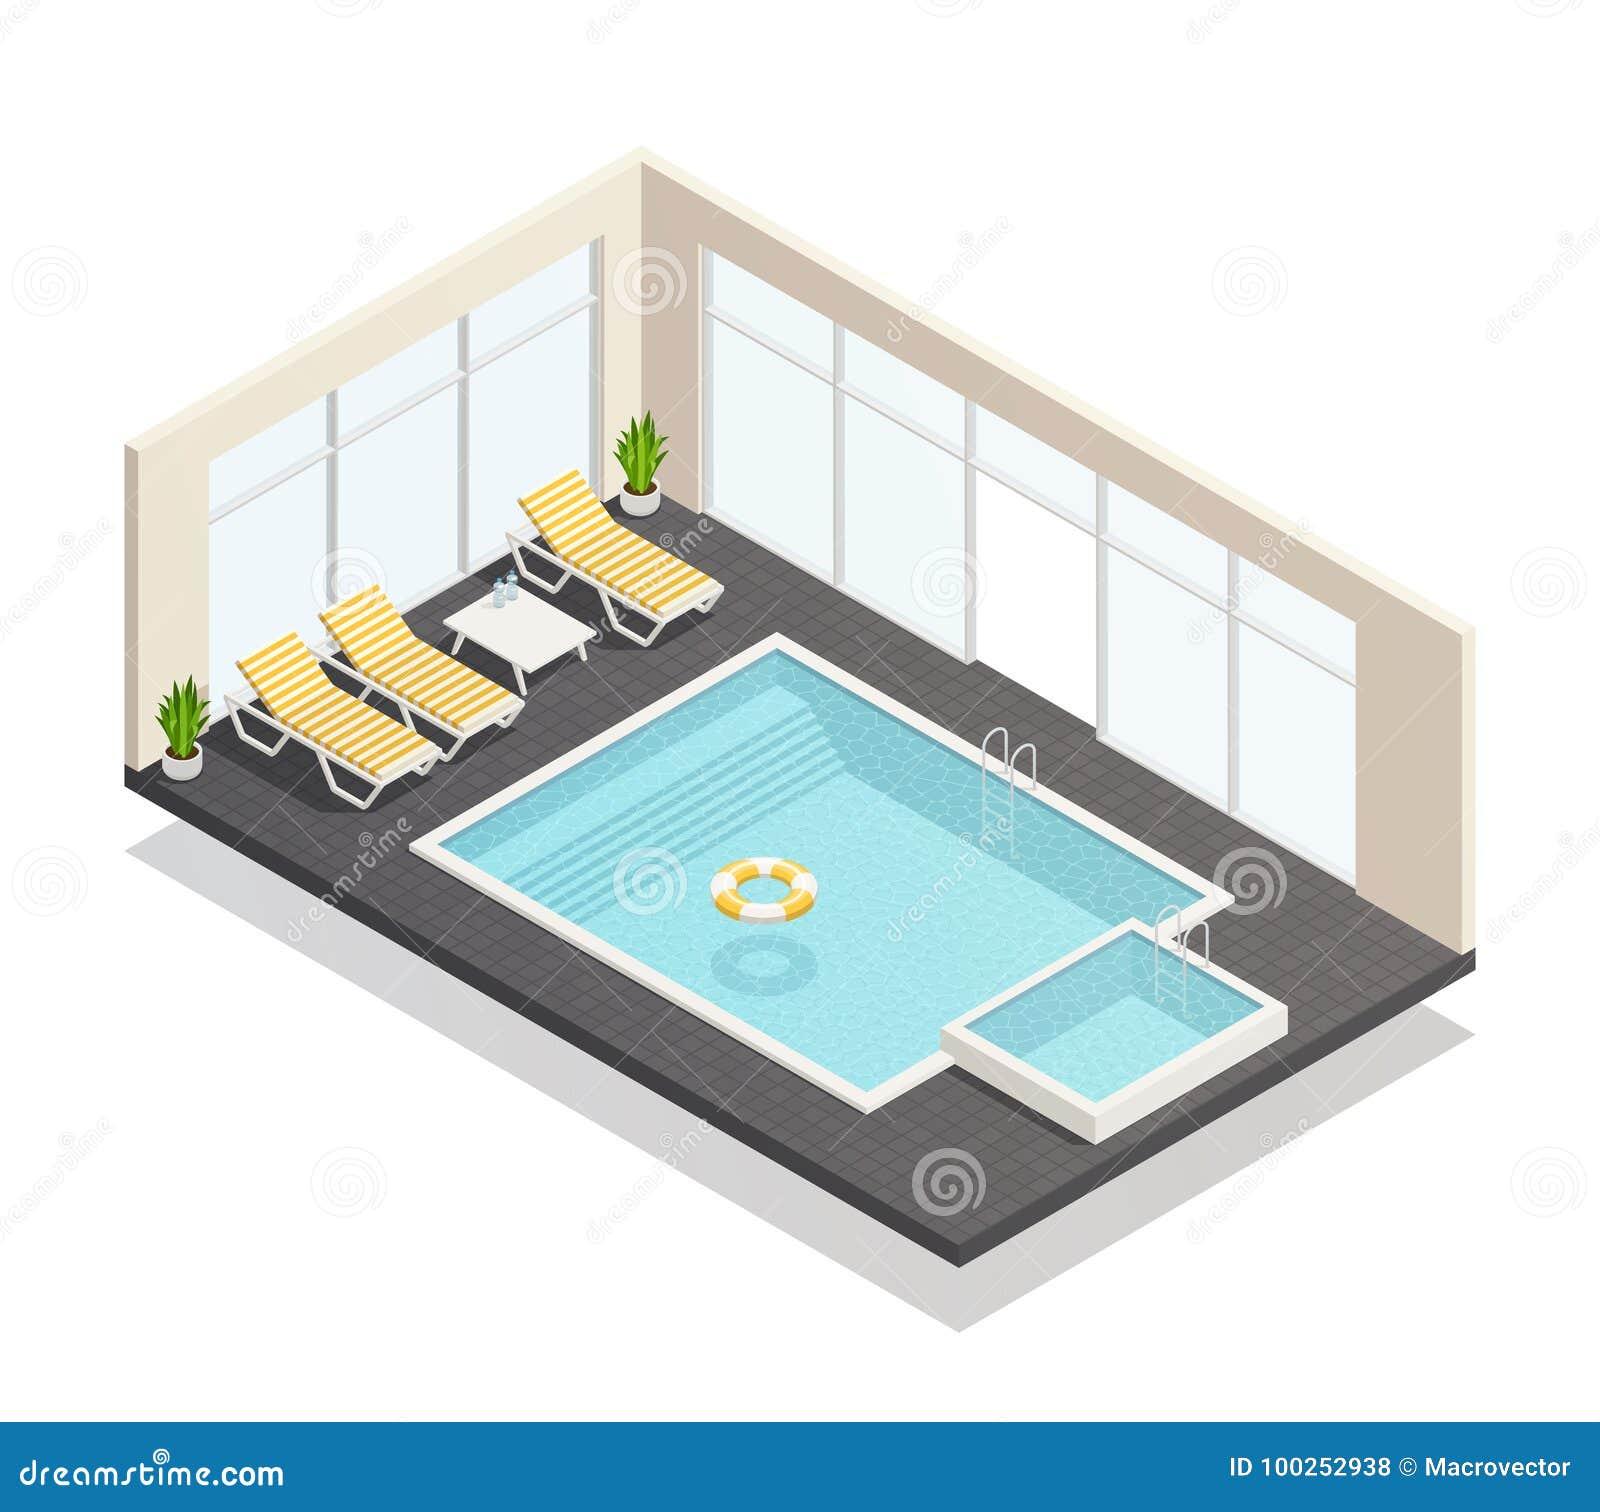 Composition isométrique en piscine de récréation